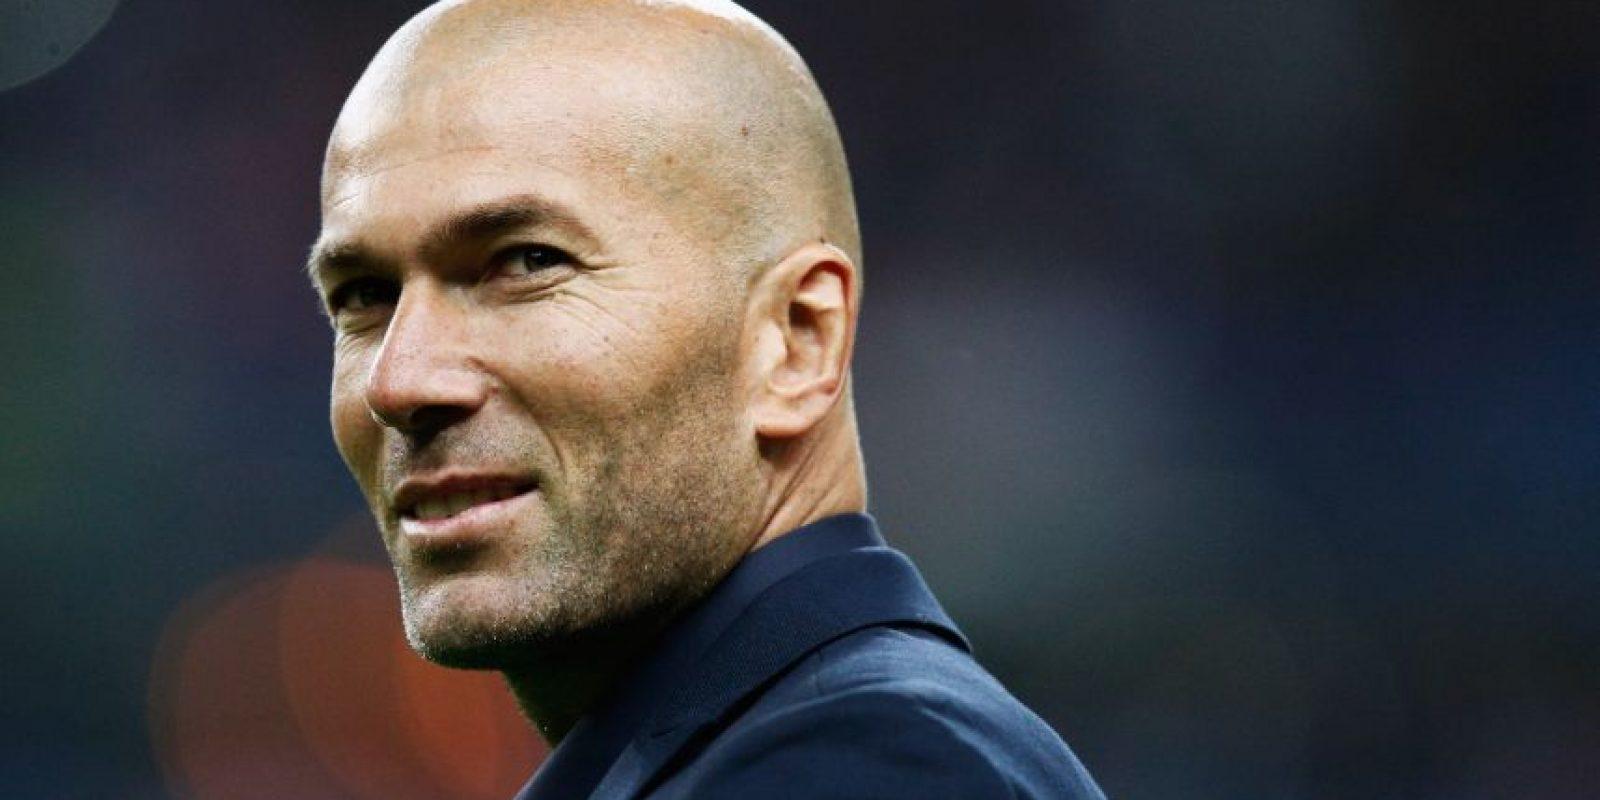 Salió del Real Madrid en 2006, pero porque se retiró. Siguió ligado al club en papeles como directivo y embajador de la UNICEF. En 2009 se convirtió en asesor de Florentino Pérez, presidente del equipo y también comenzó a prepararse para ser entrenador. Durante la campaña 2013-2014 fue asistente de Carlo Ancelotti y en la temporada pasada tomó las riendas del Real Madrid B, y sus planes son convertirse entrenador profesional. Foto:Getty Images